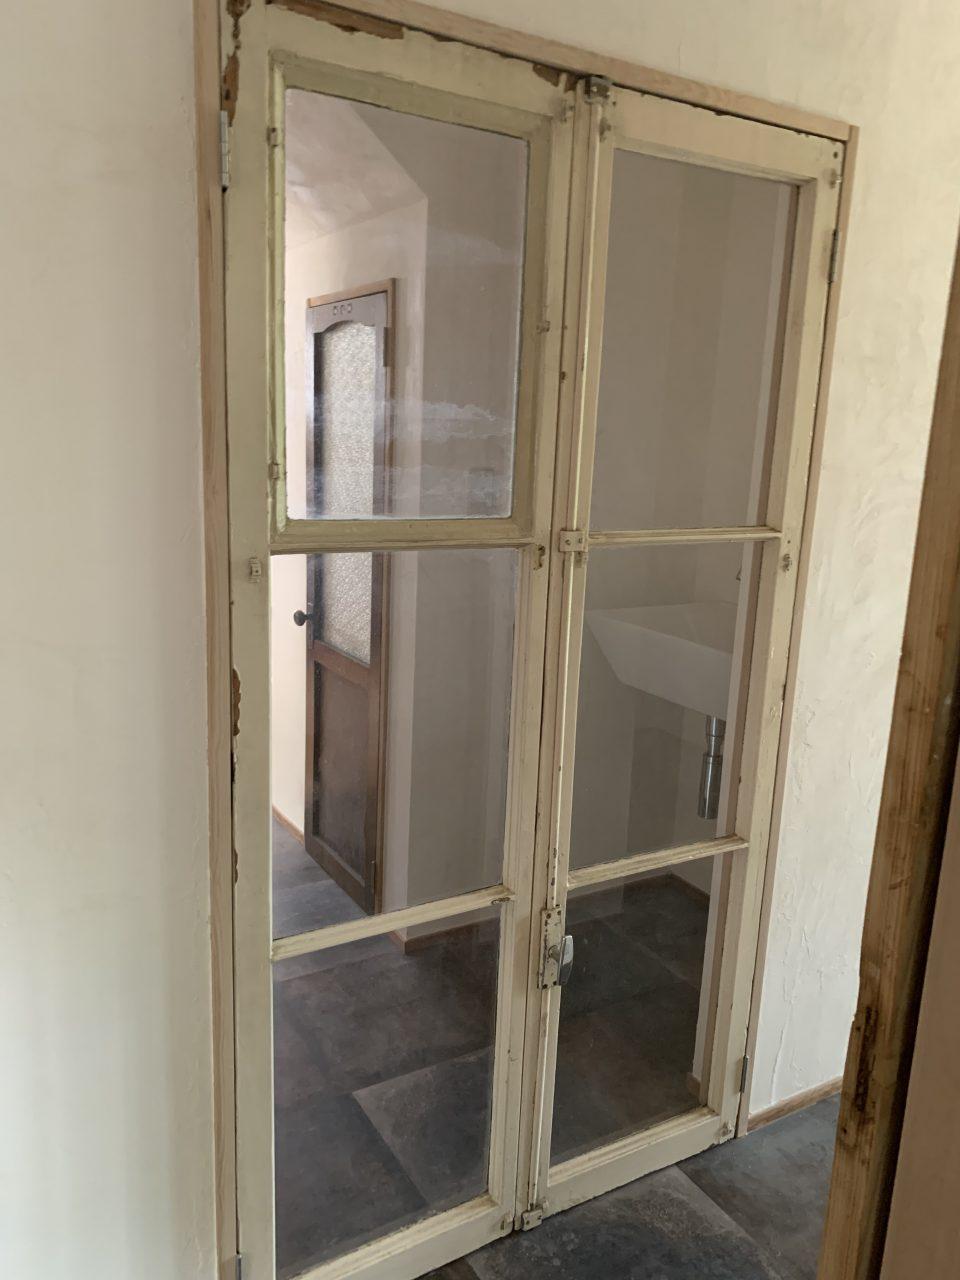 元々は窓だと思われるが、H寸法が大きかったため、通路、犬止めのドアとして利用。